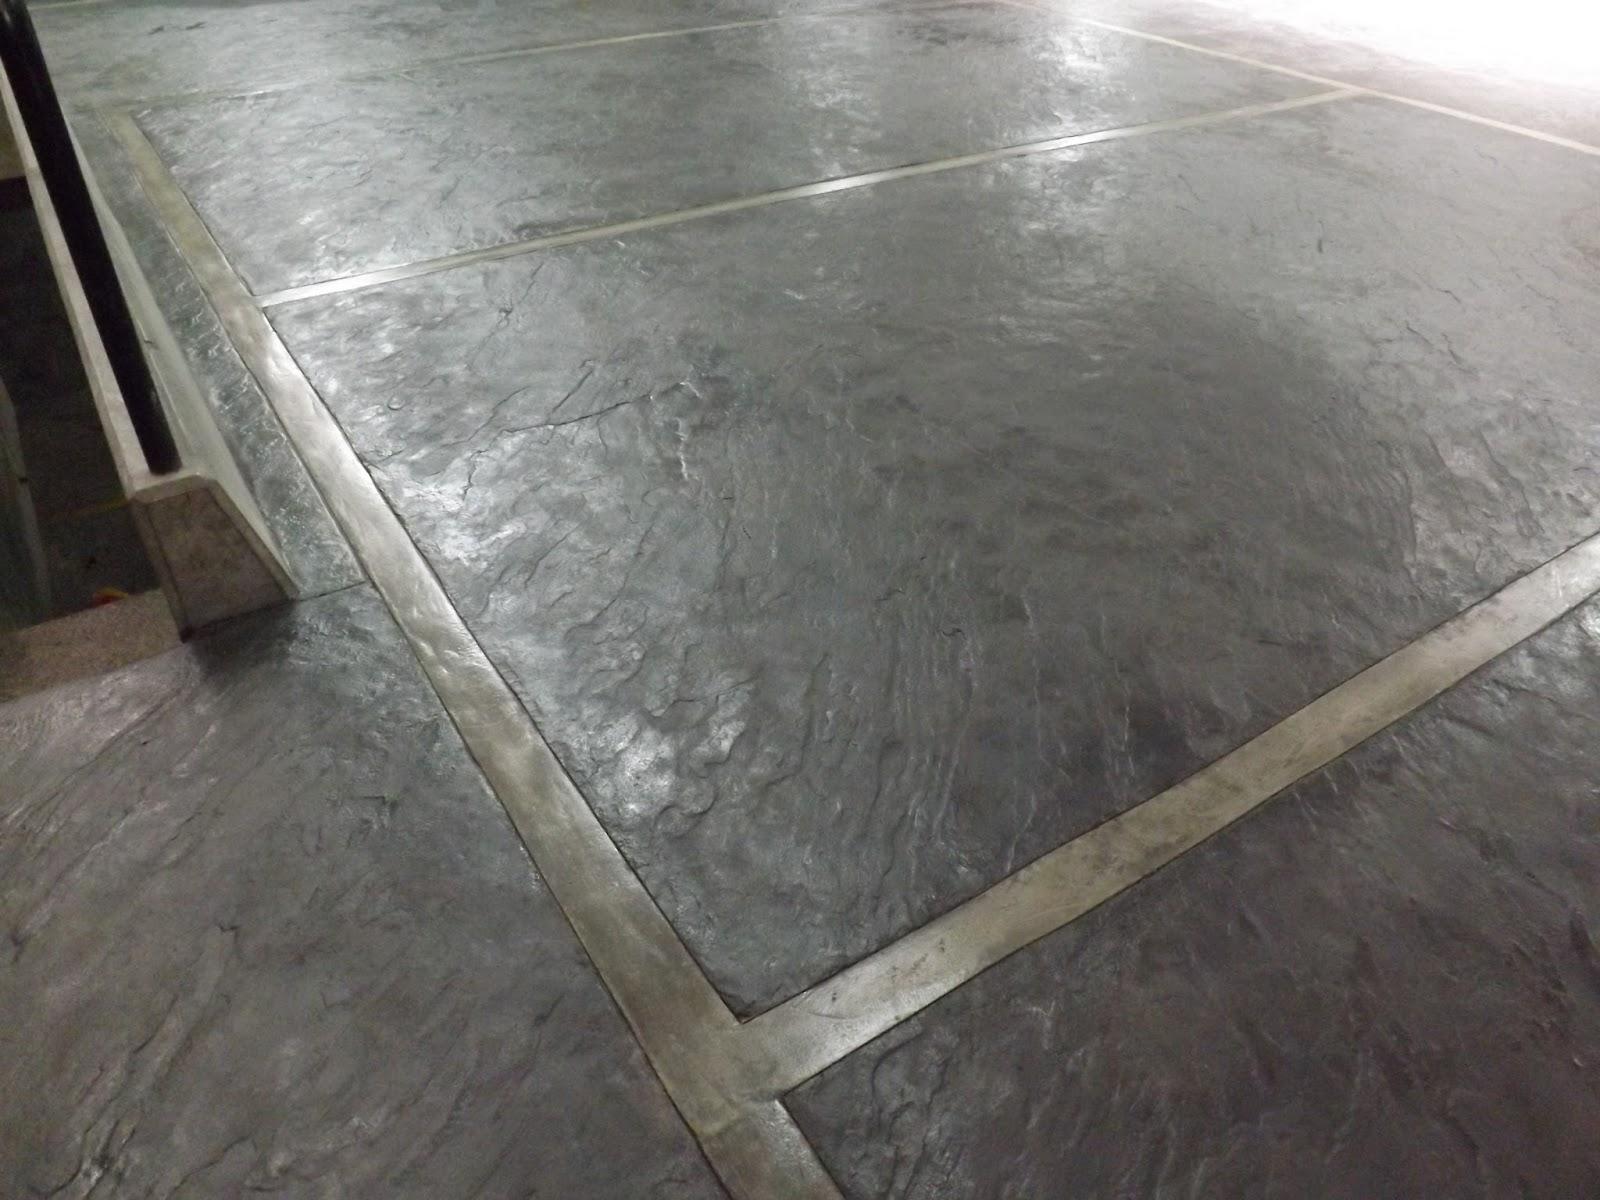 Oniria piso de estacionamiento de concreto estampado for Piso cemento pulido